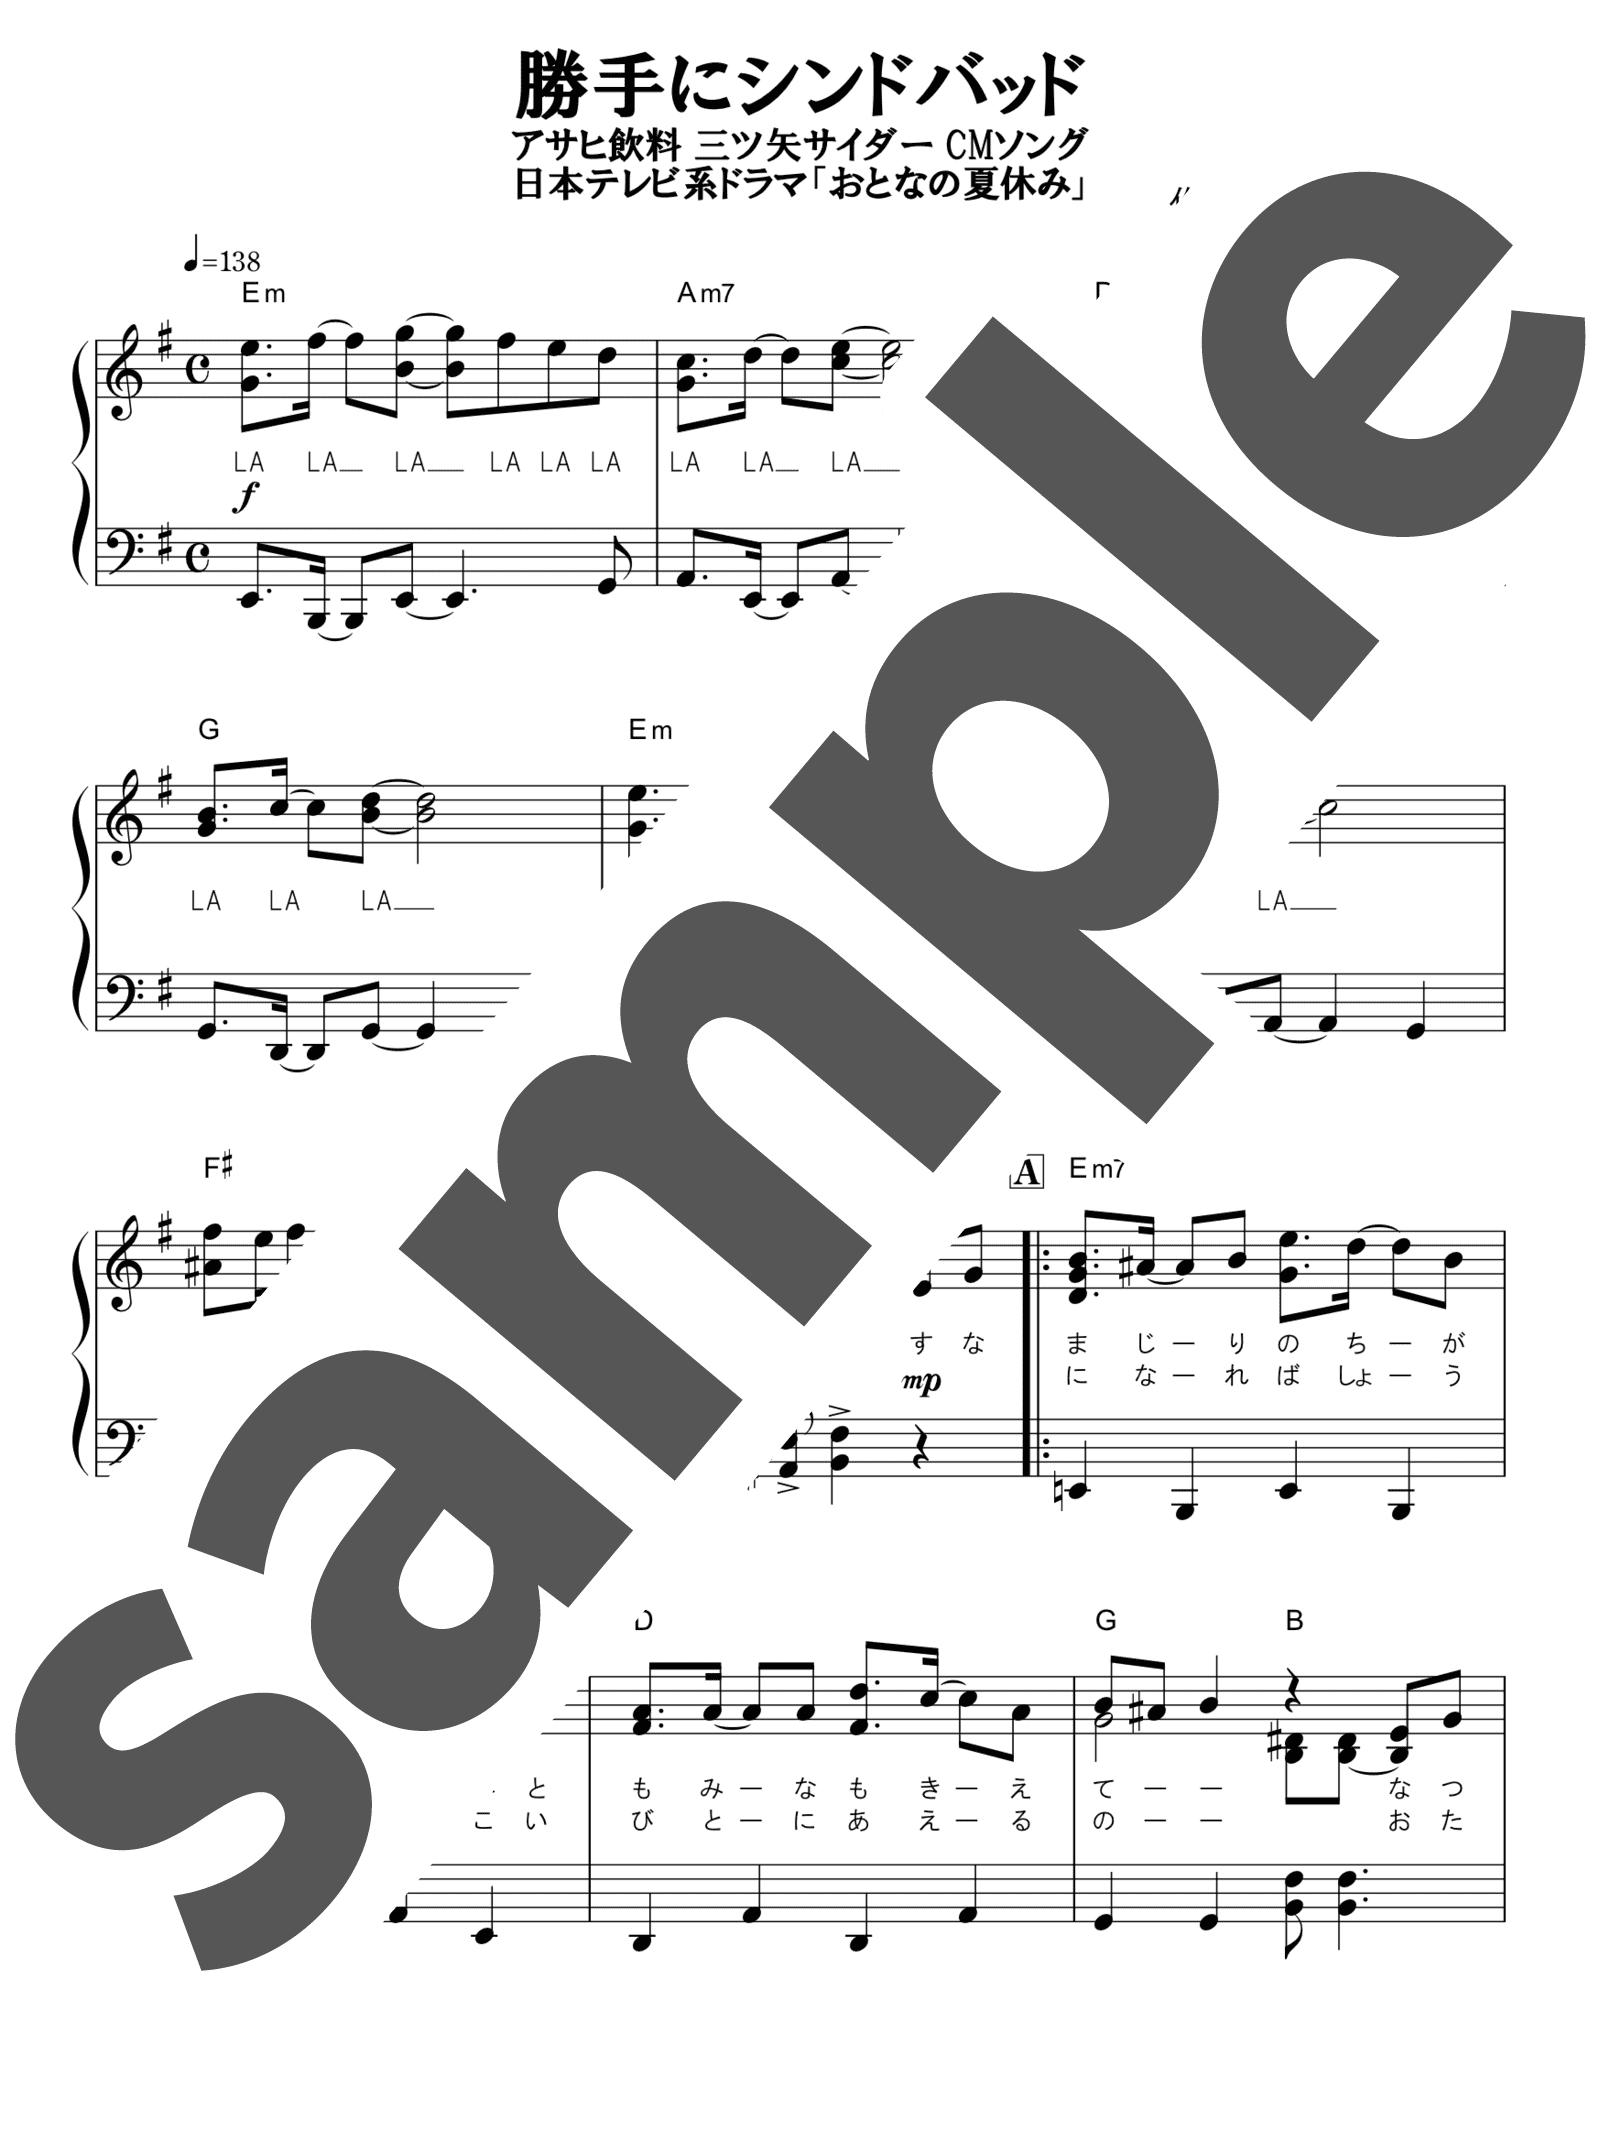 「勝手にシンドバッド」のサンプル楽譜